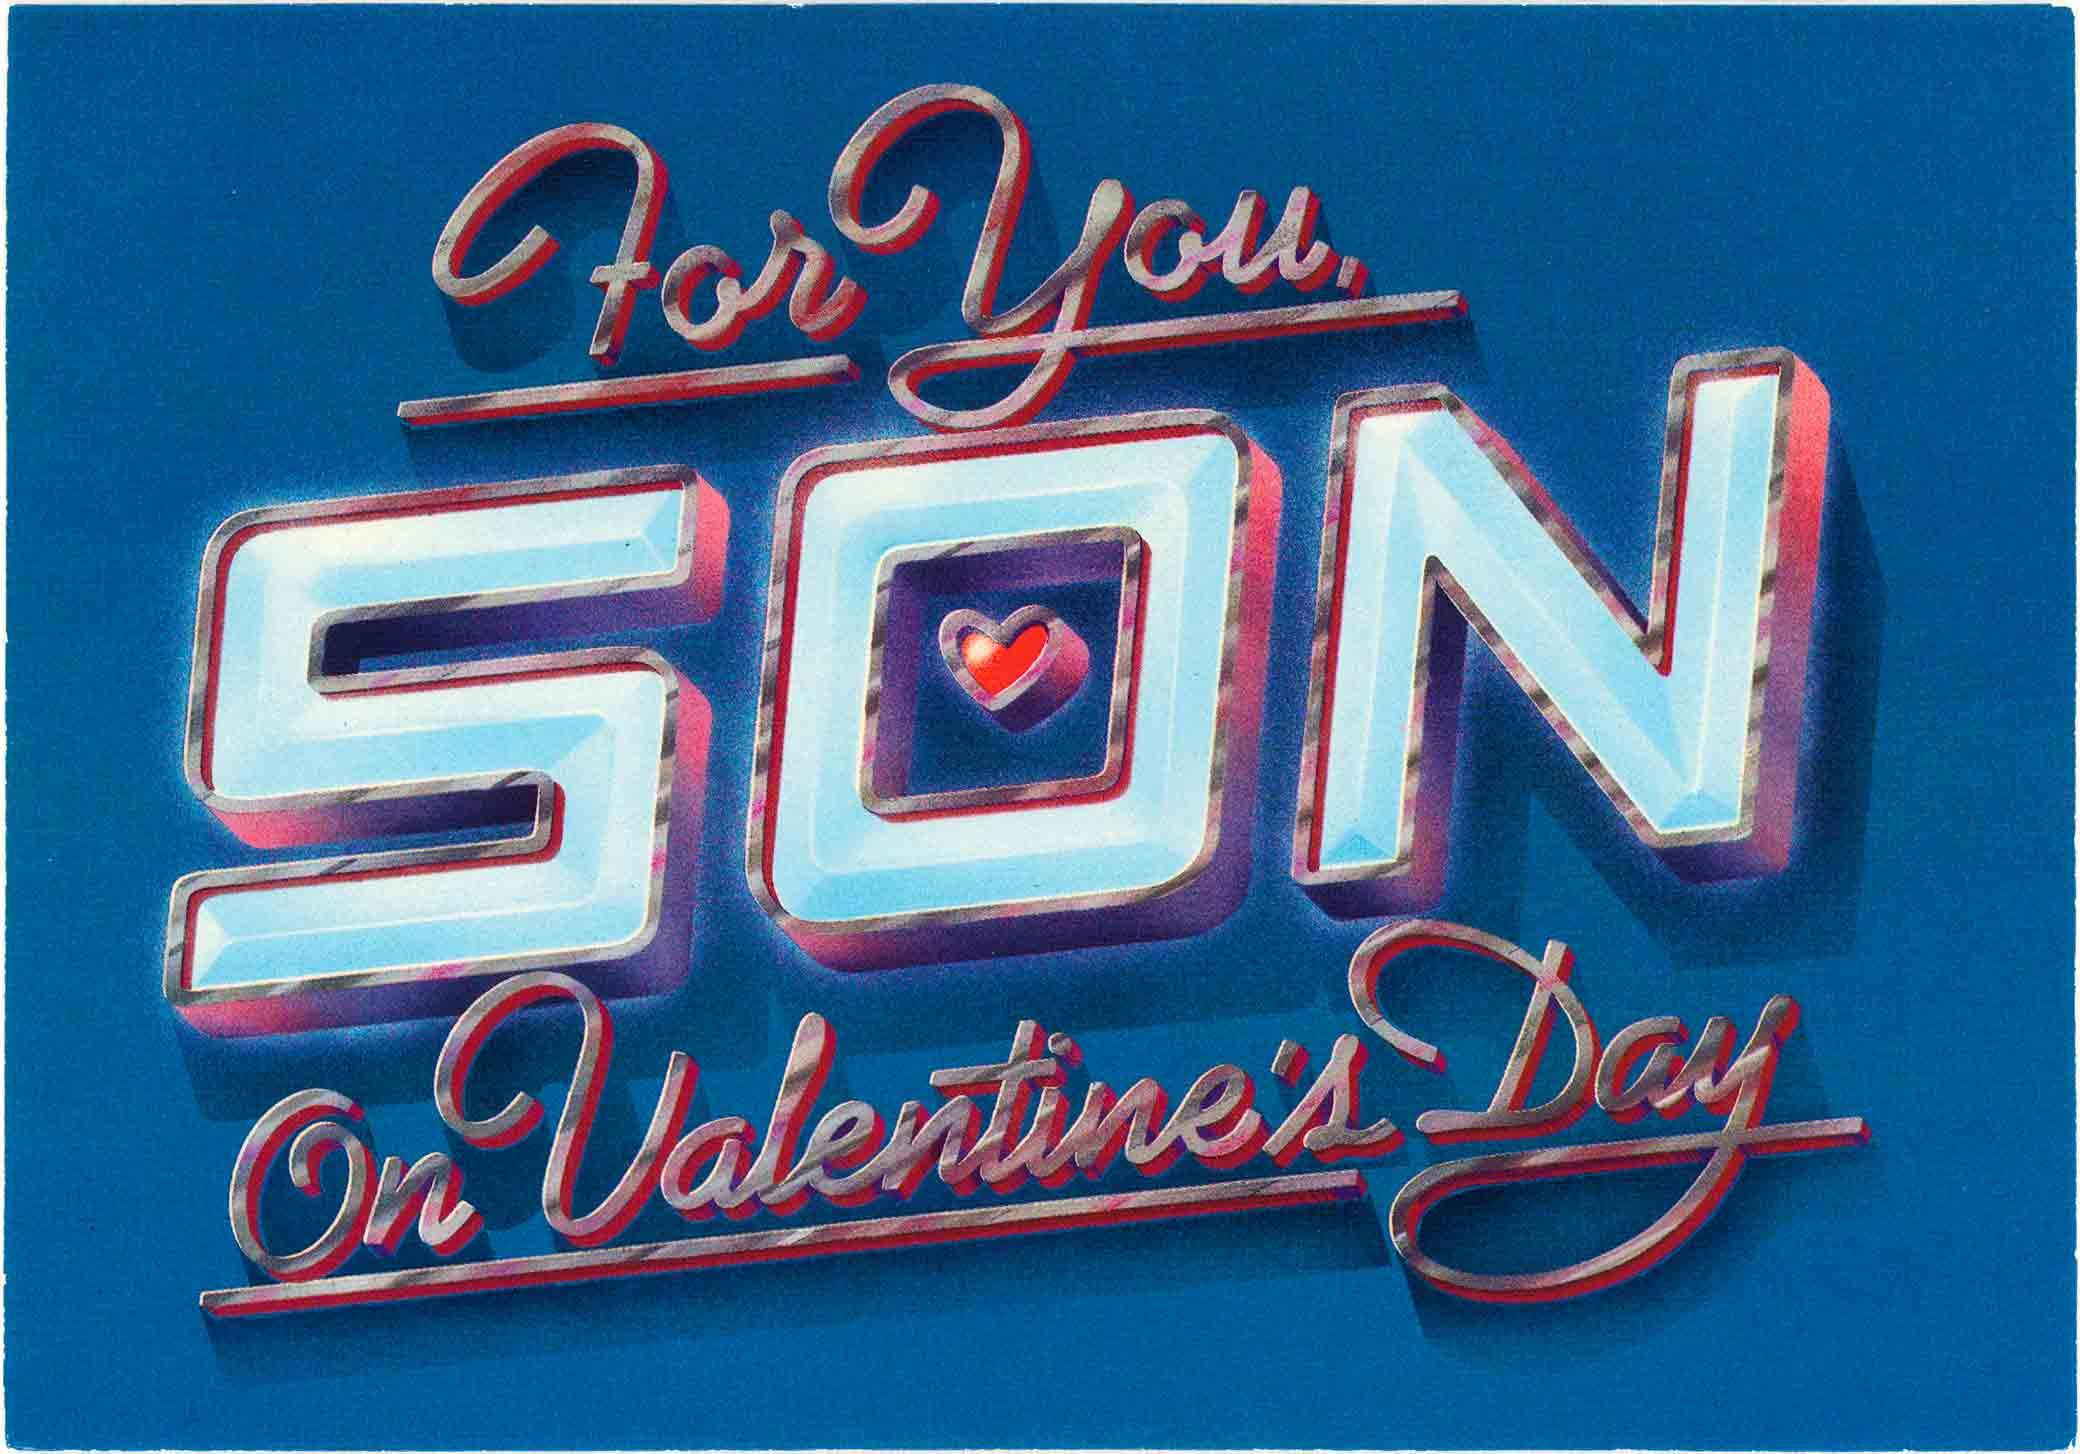 1983 Valentine's Day Card